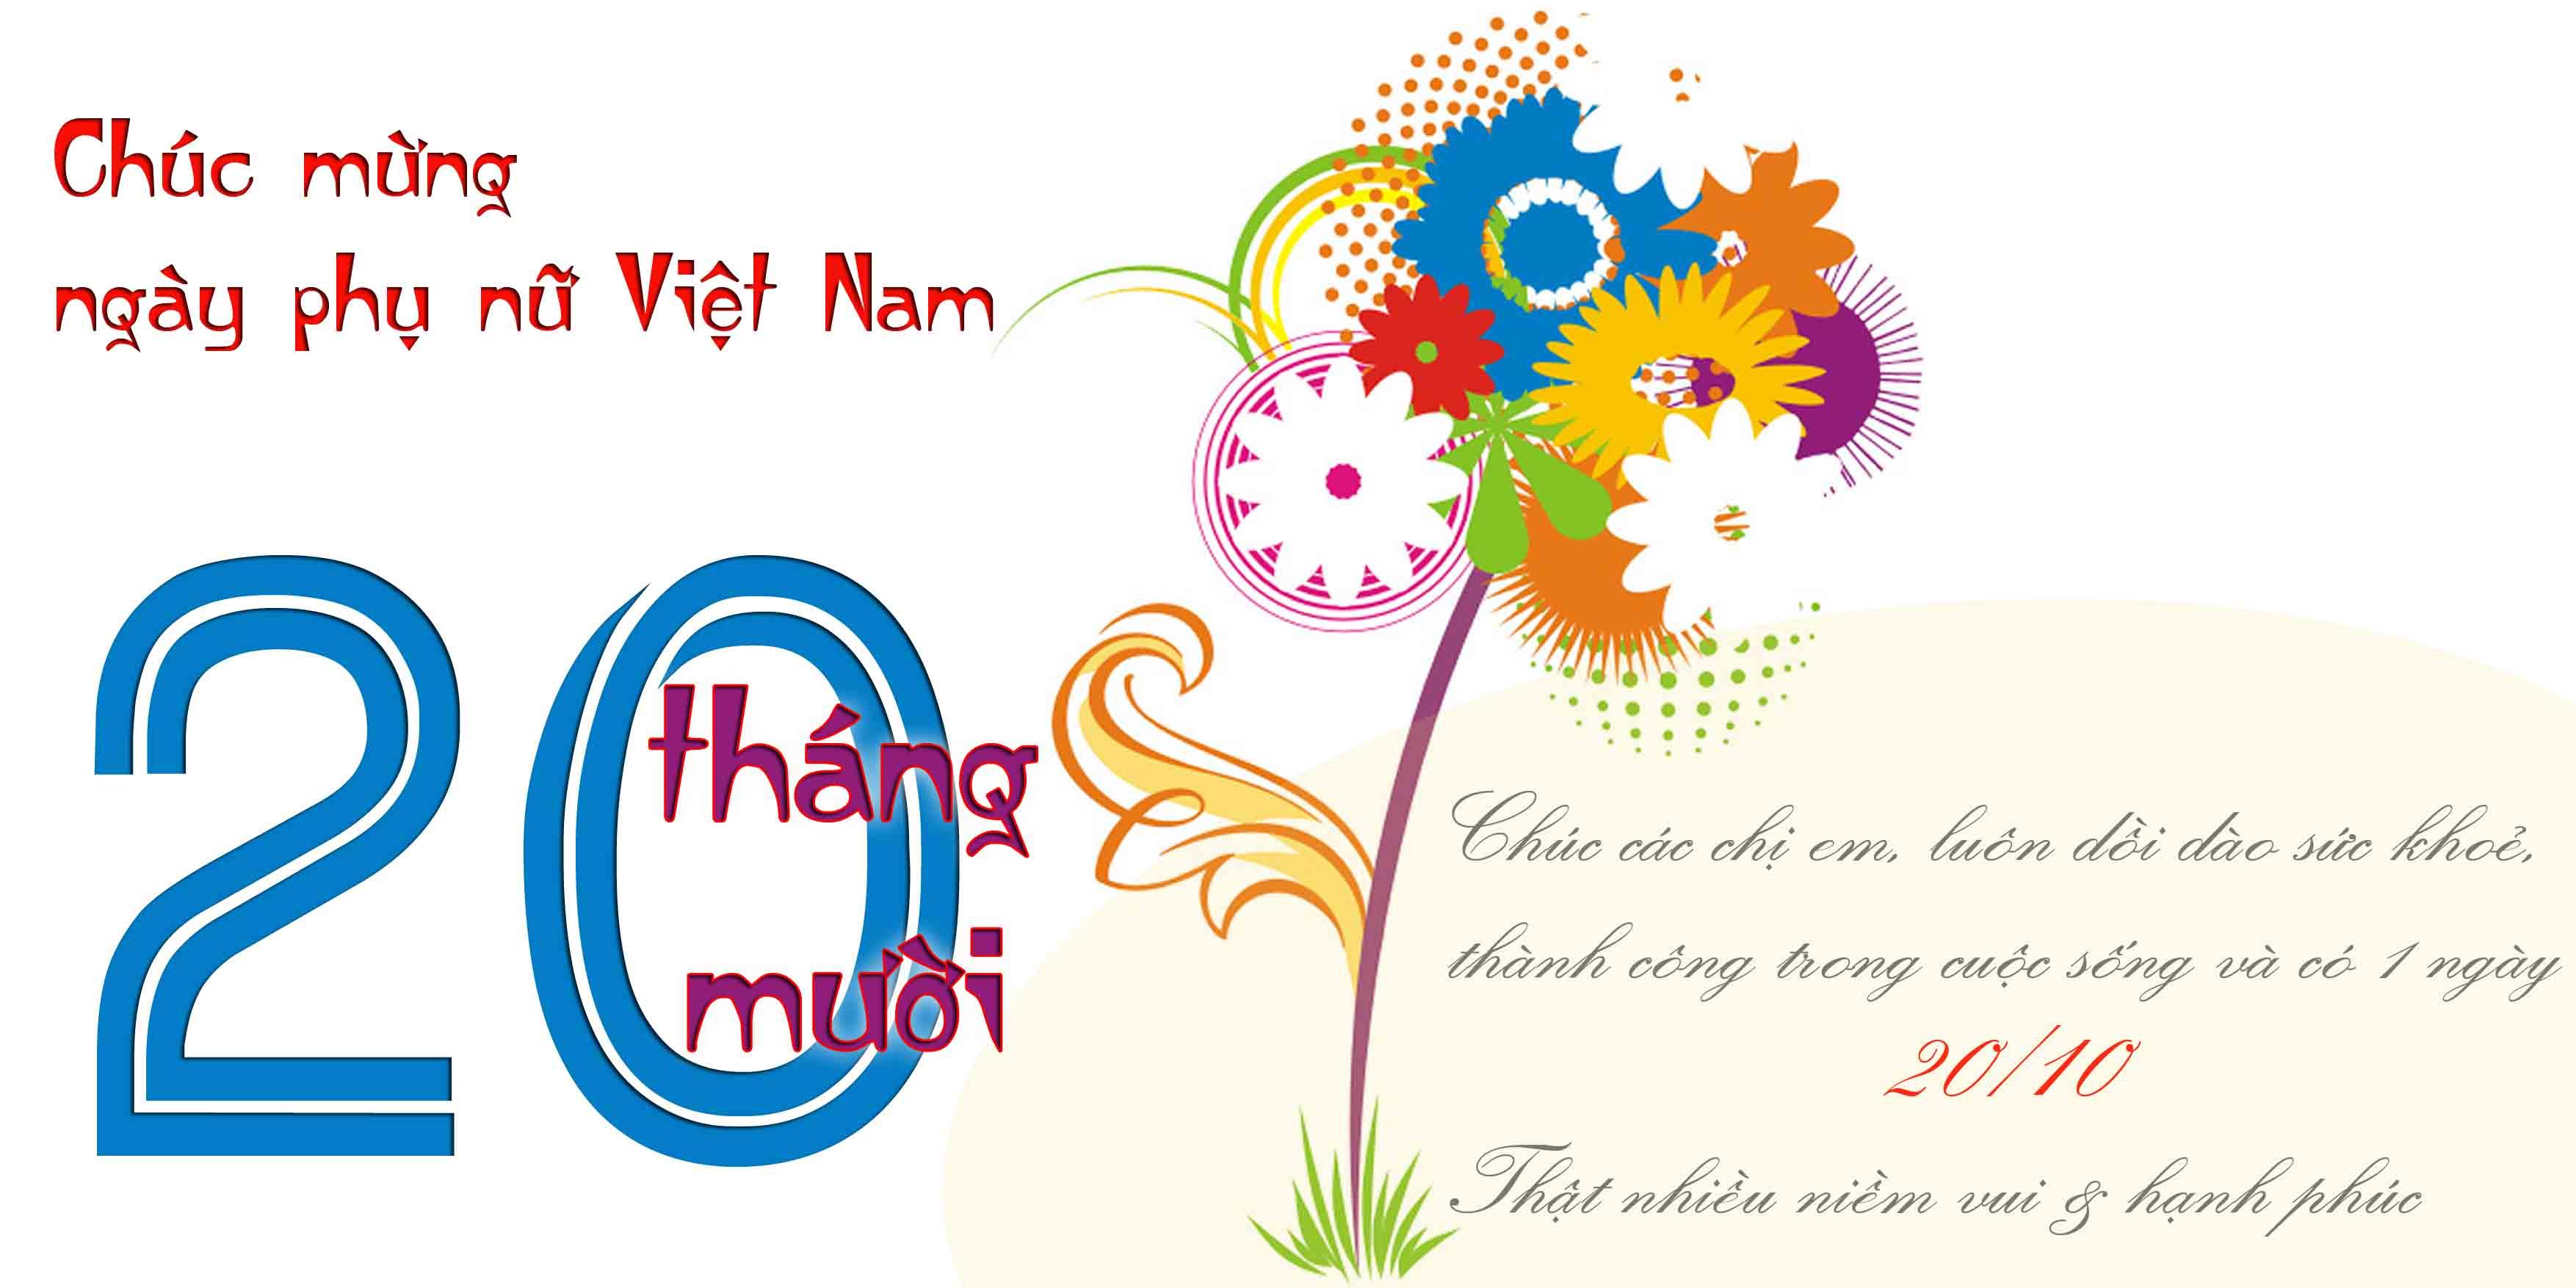 Chúc mừng ngày phụ nữ Việt Nam 20/10-inox đại dương